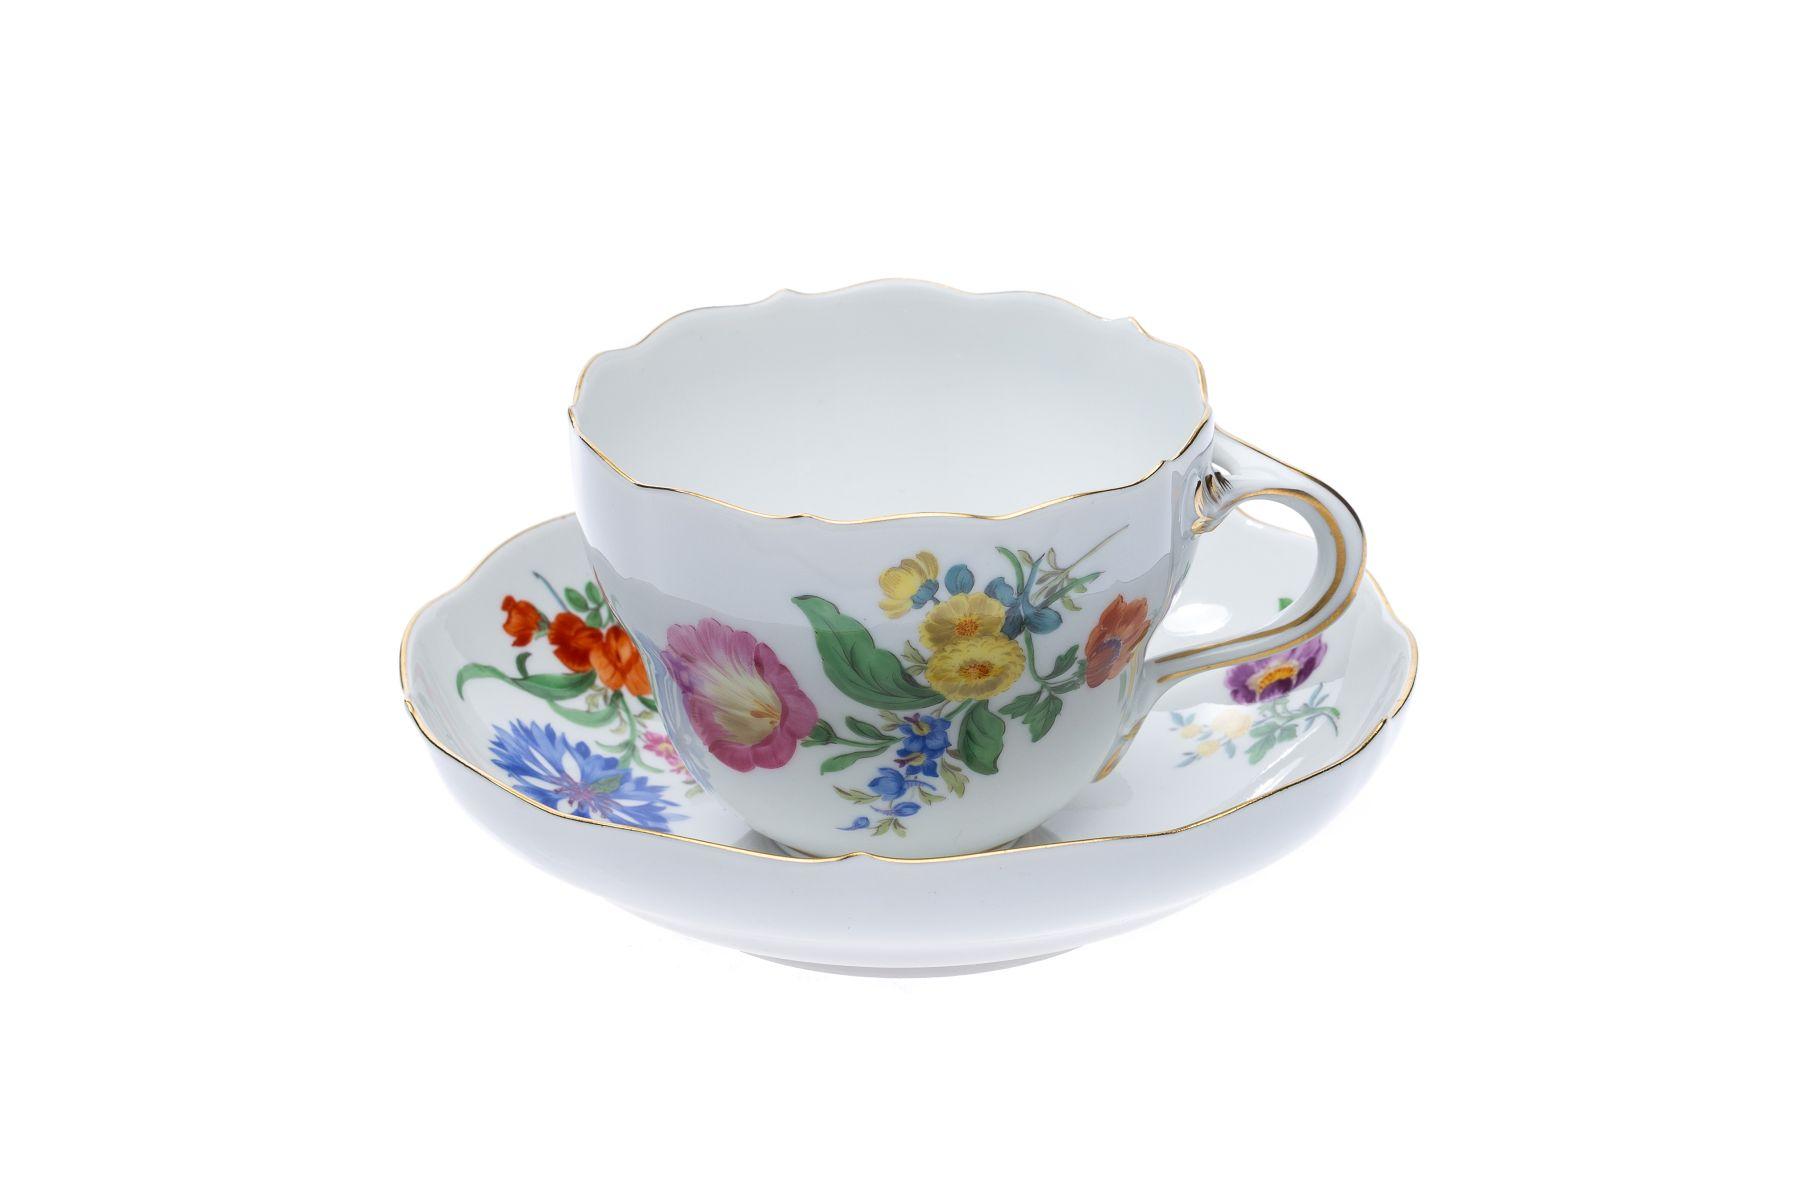 """Meissen Kaffeeservice """"3 Blumen"""" 22 teilig - Bild 2 aus 15"""